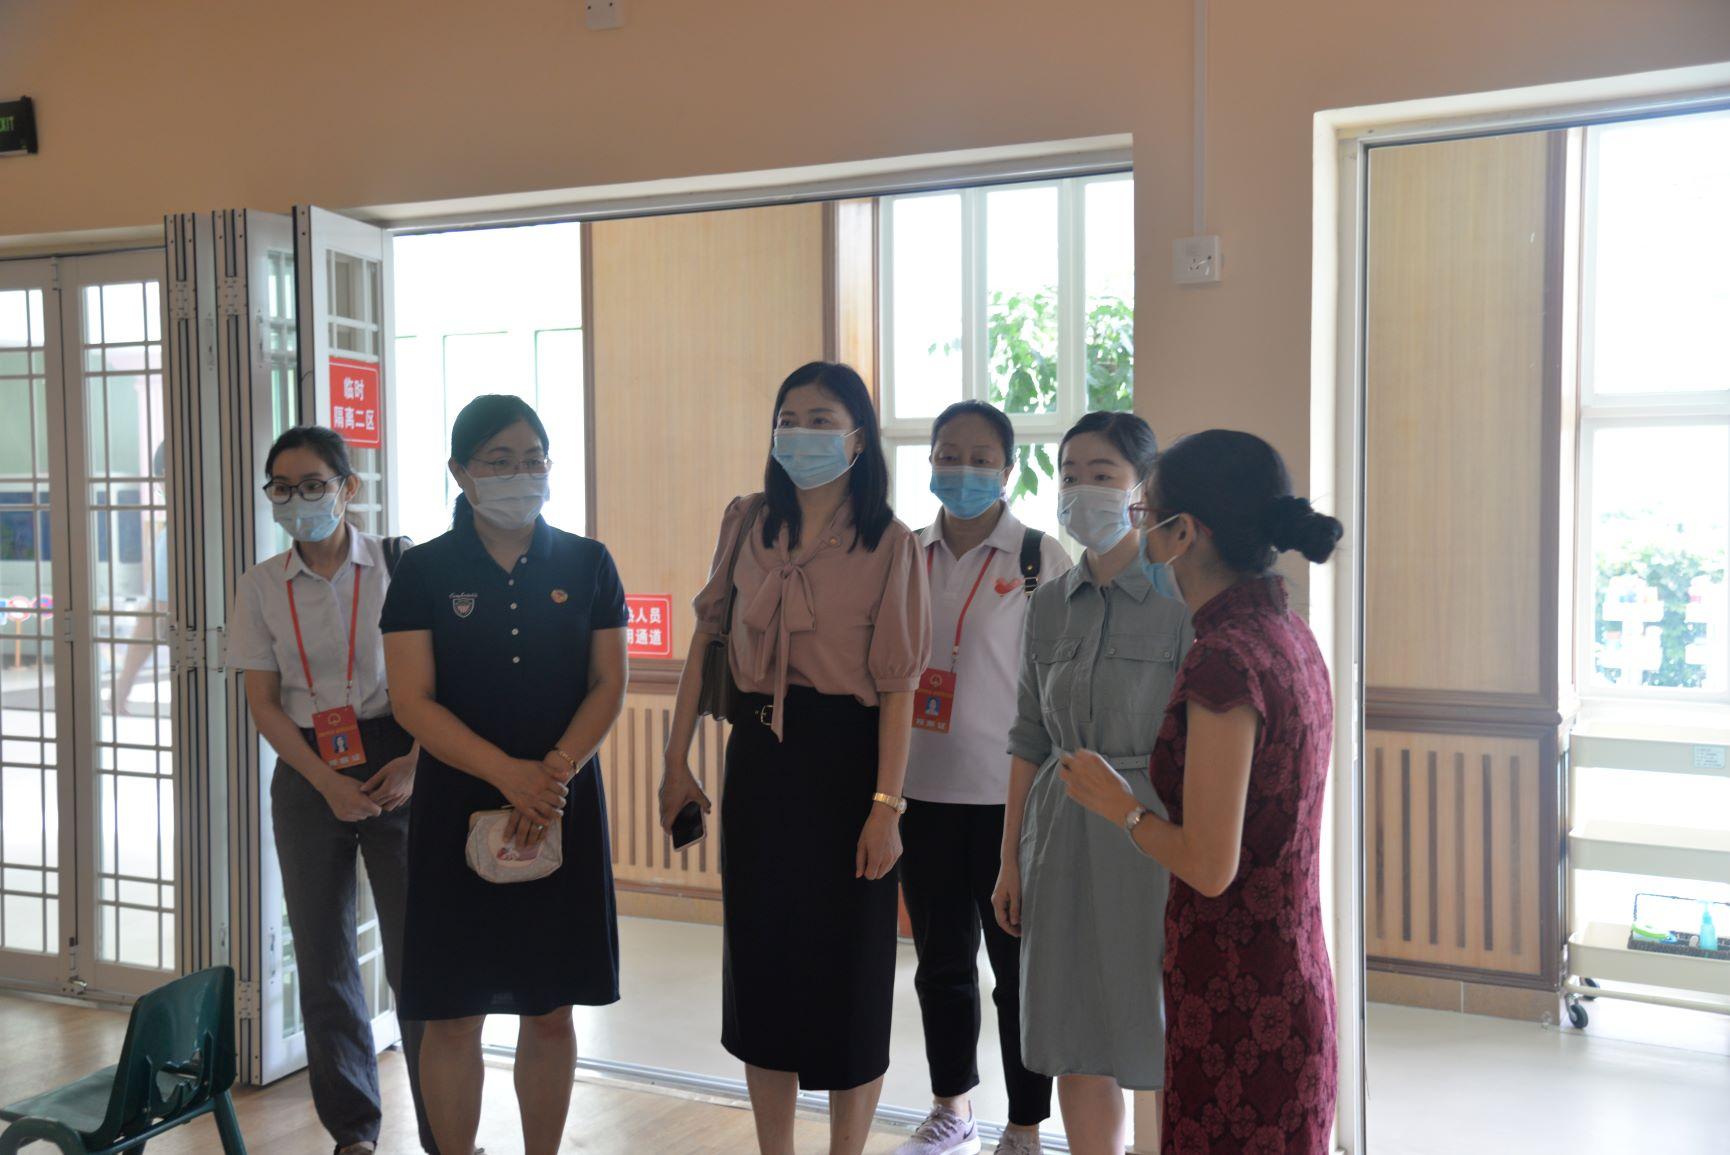 龙华街道景龙人大代表社区联络站组织人大代表进幼儿园开展复课疫情防控工作视察活动